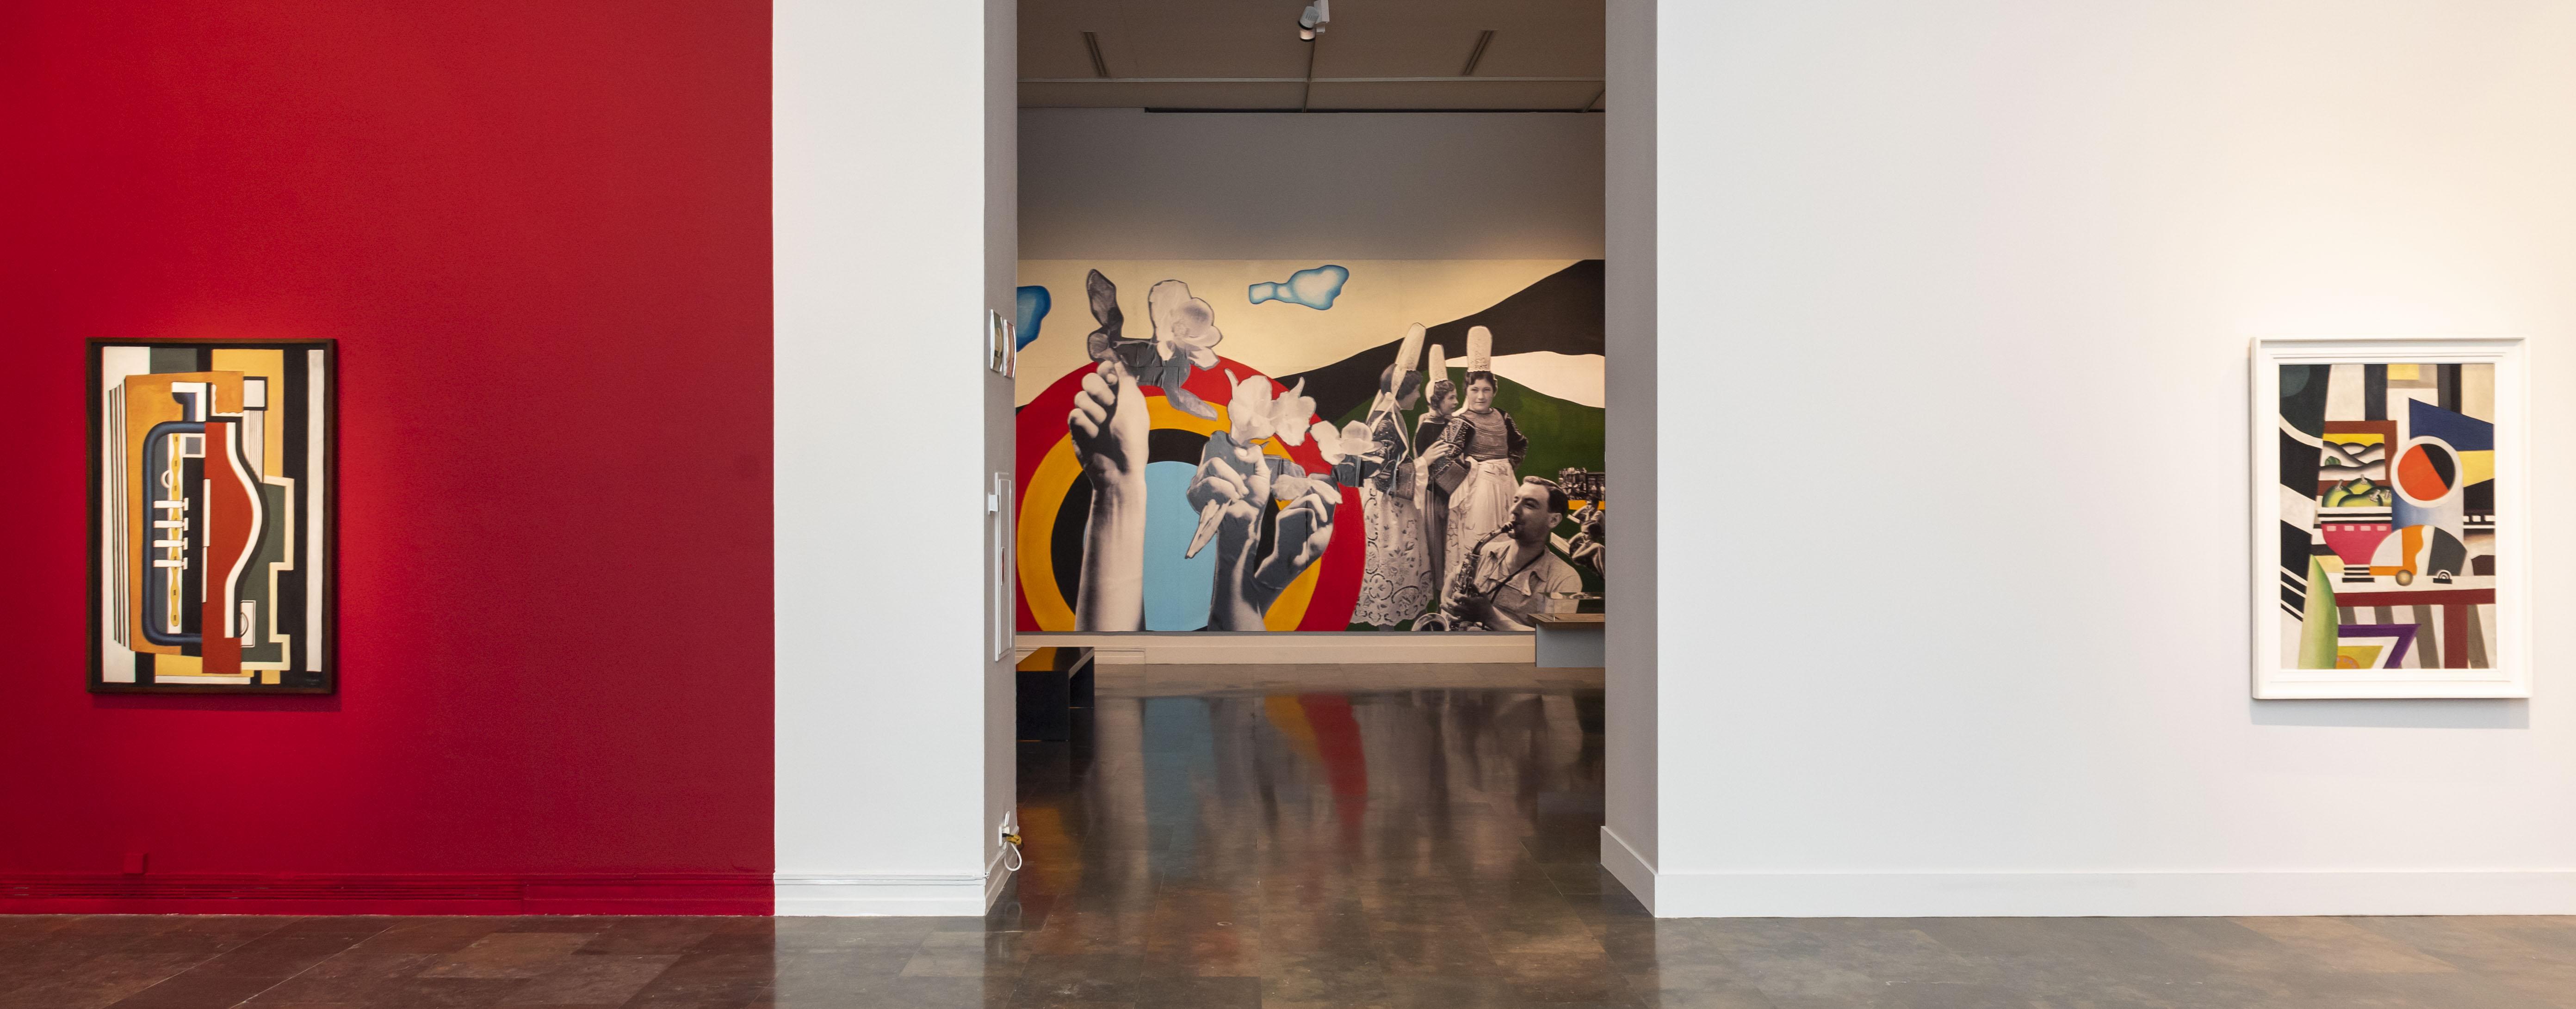 Vista de sala con el mural 'Joies essentielles' al fondo.